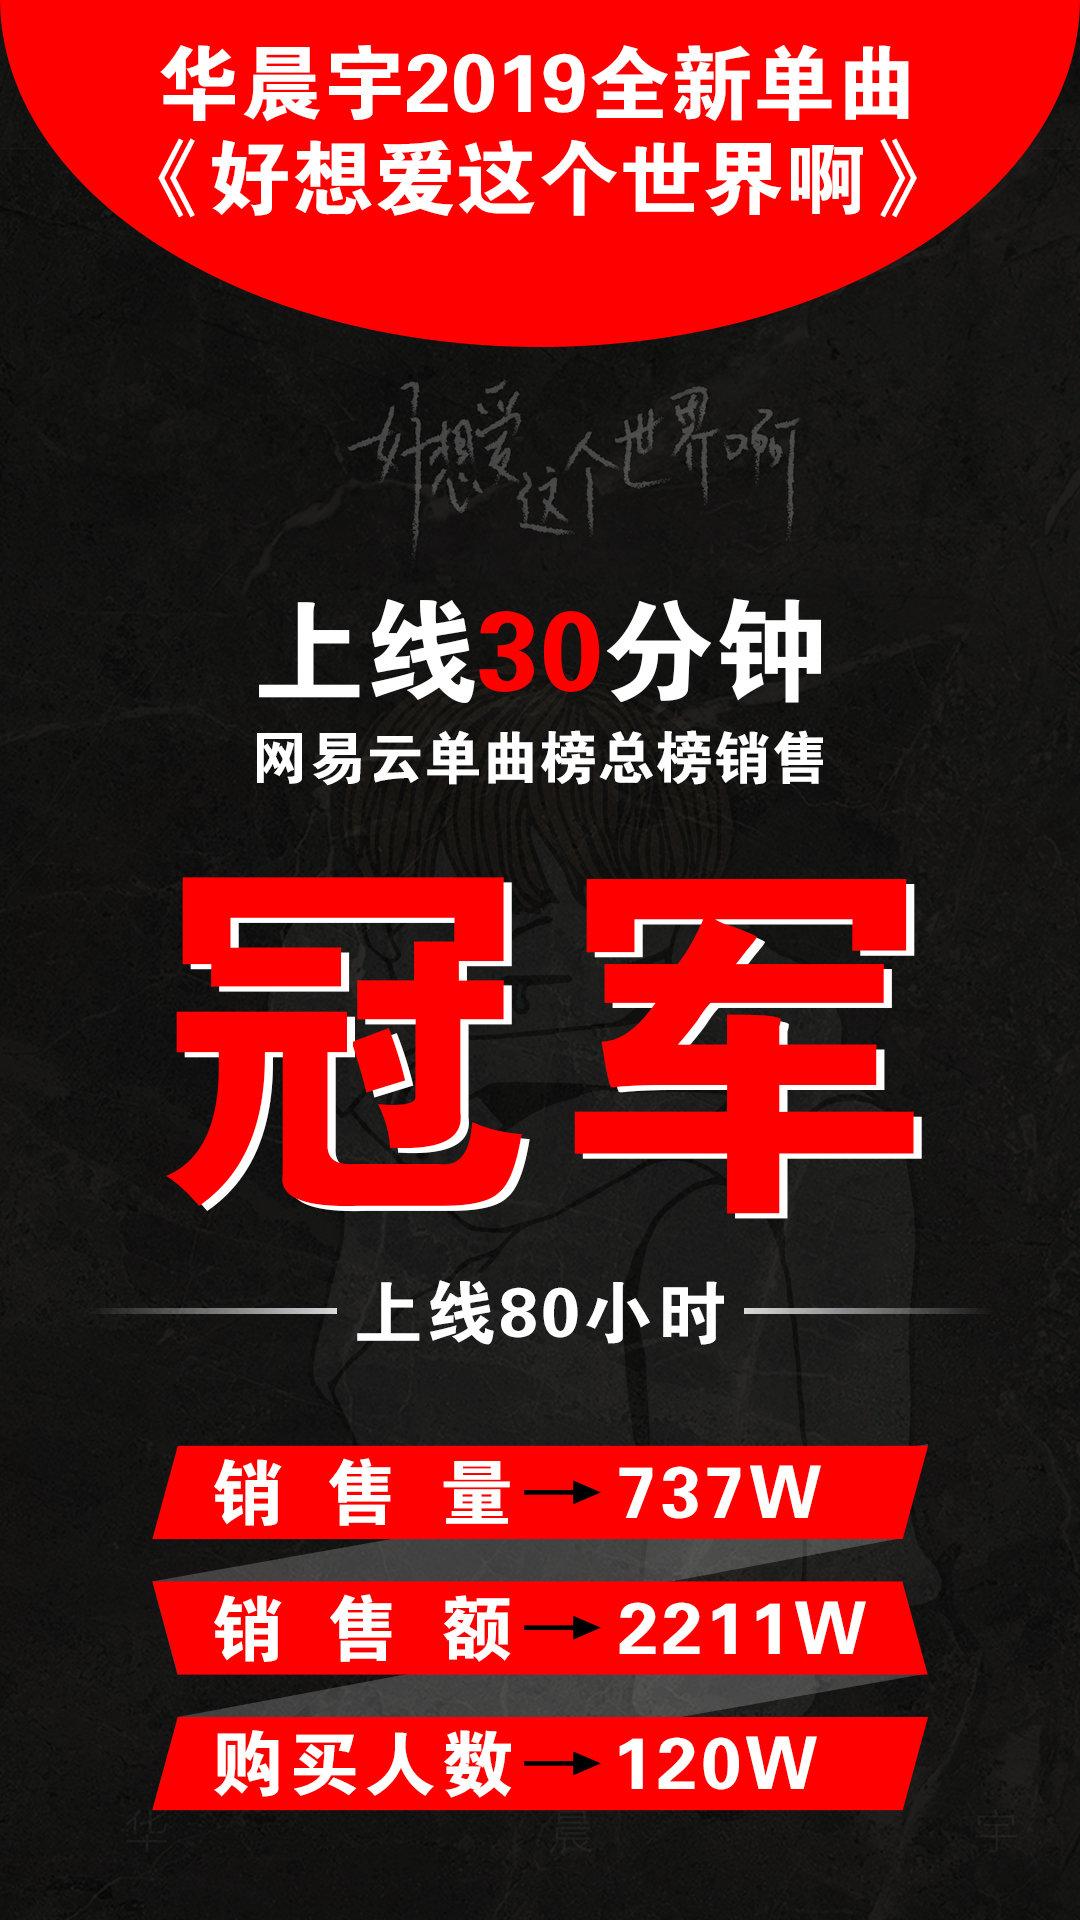 华晨宇第四张专辑单曲《好想爱这个世界啊》销量737w张